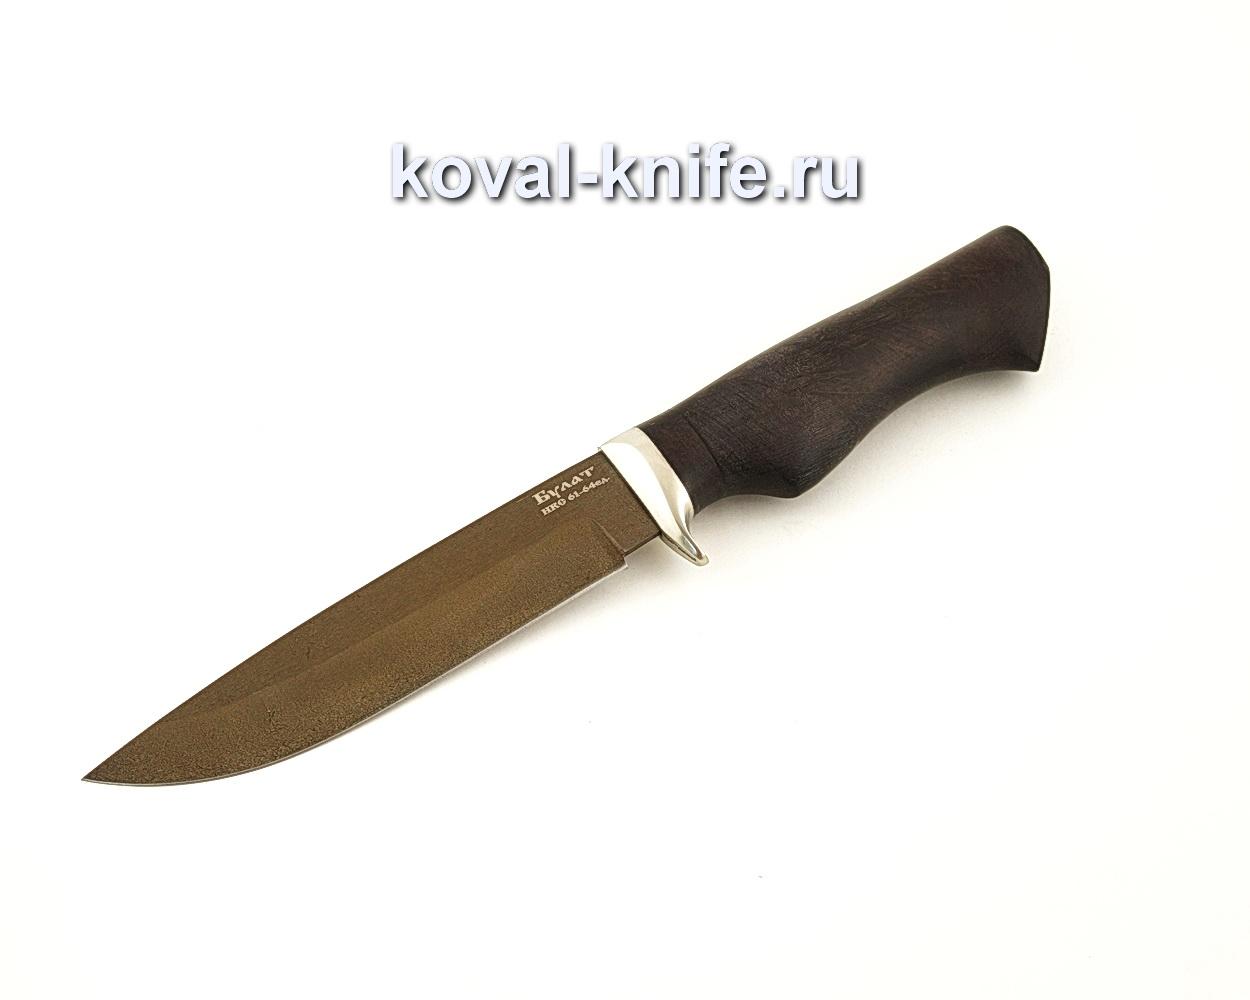 Нож Турист из булатной стали с рукоятью из Граба  A662